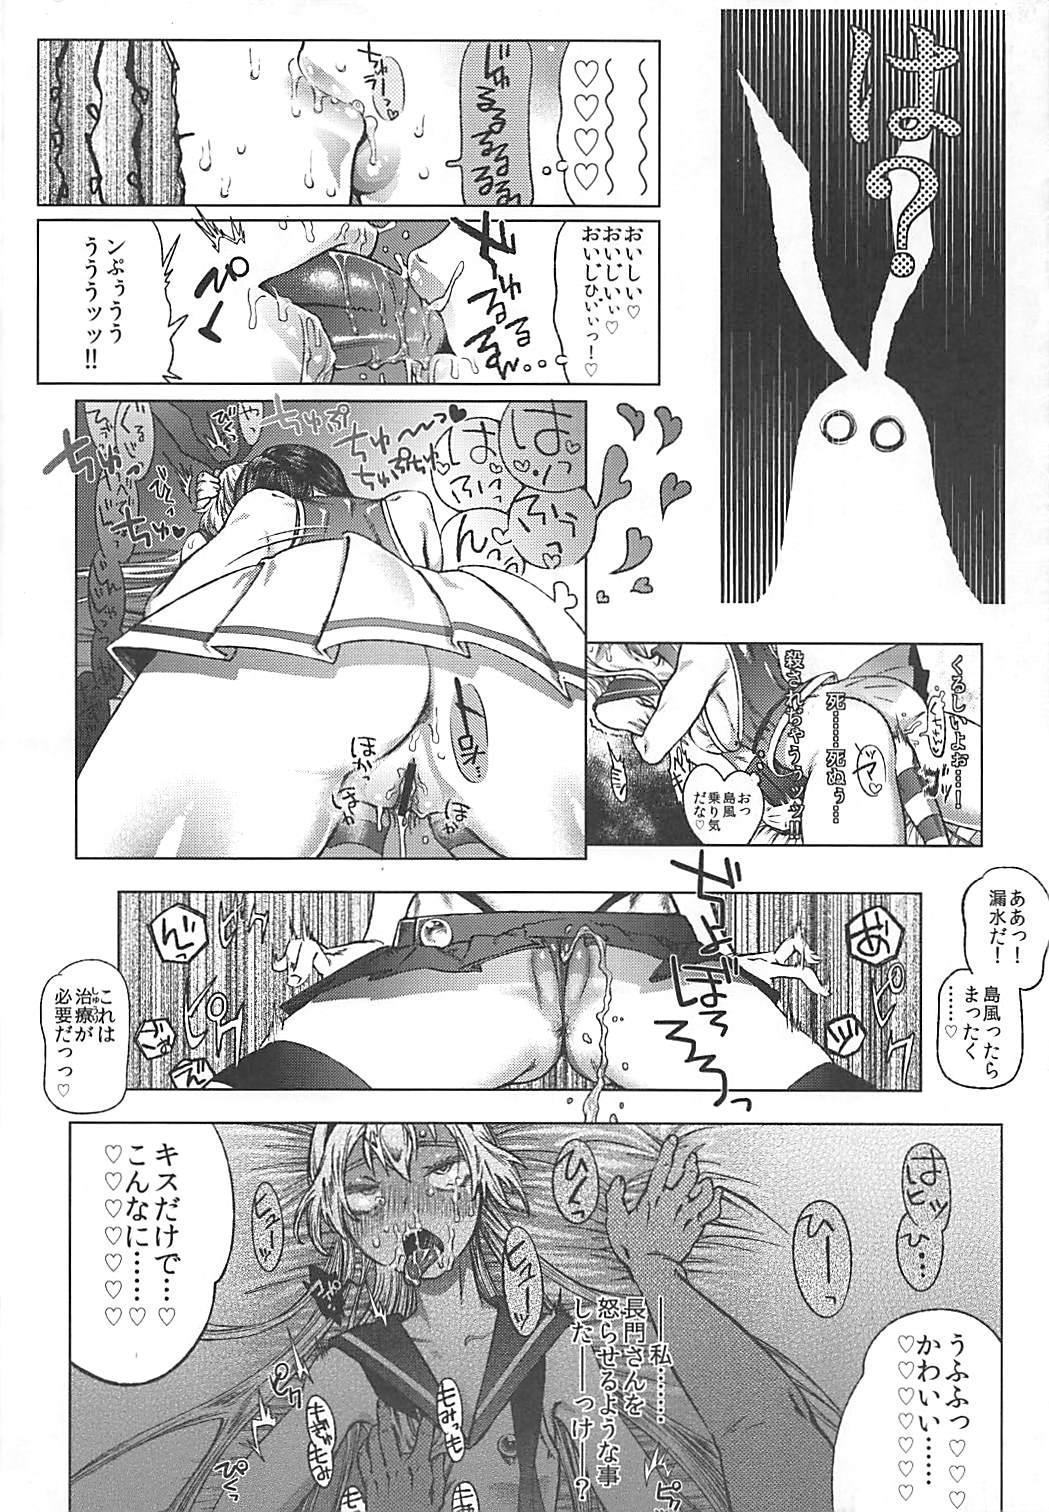 Oogata Senkan Senyou Ian-gata Kuchikukan Shimakaze 6